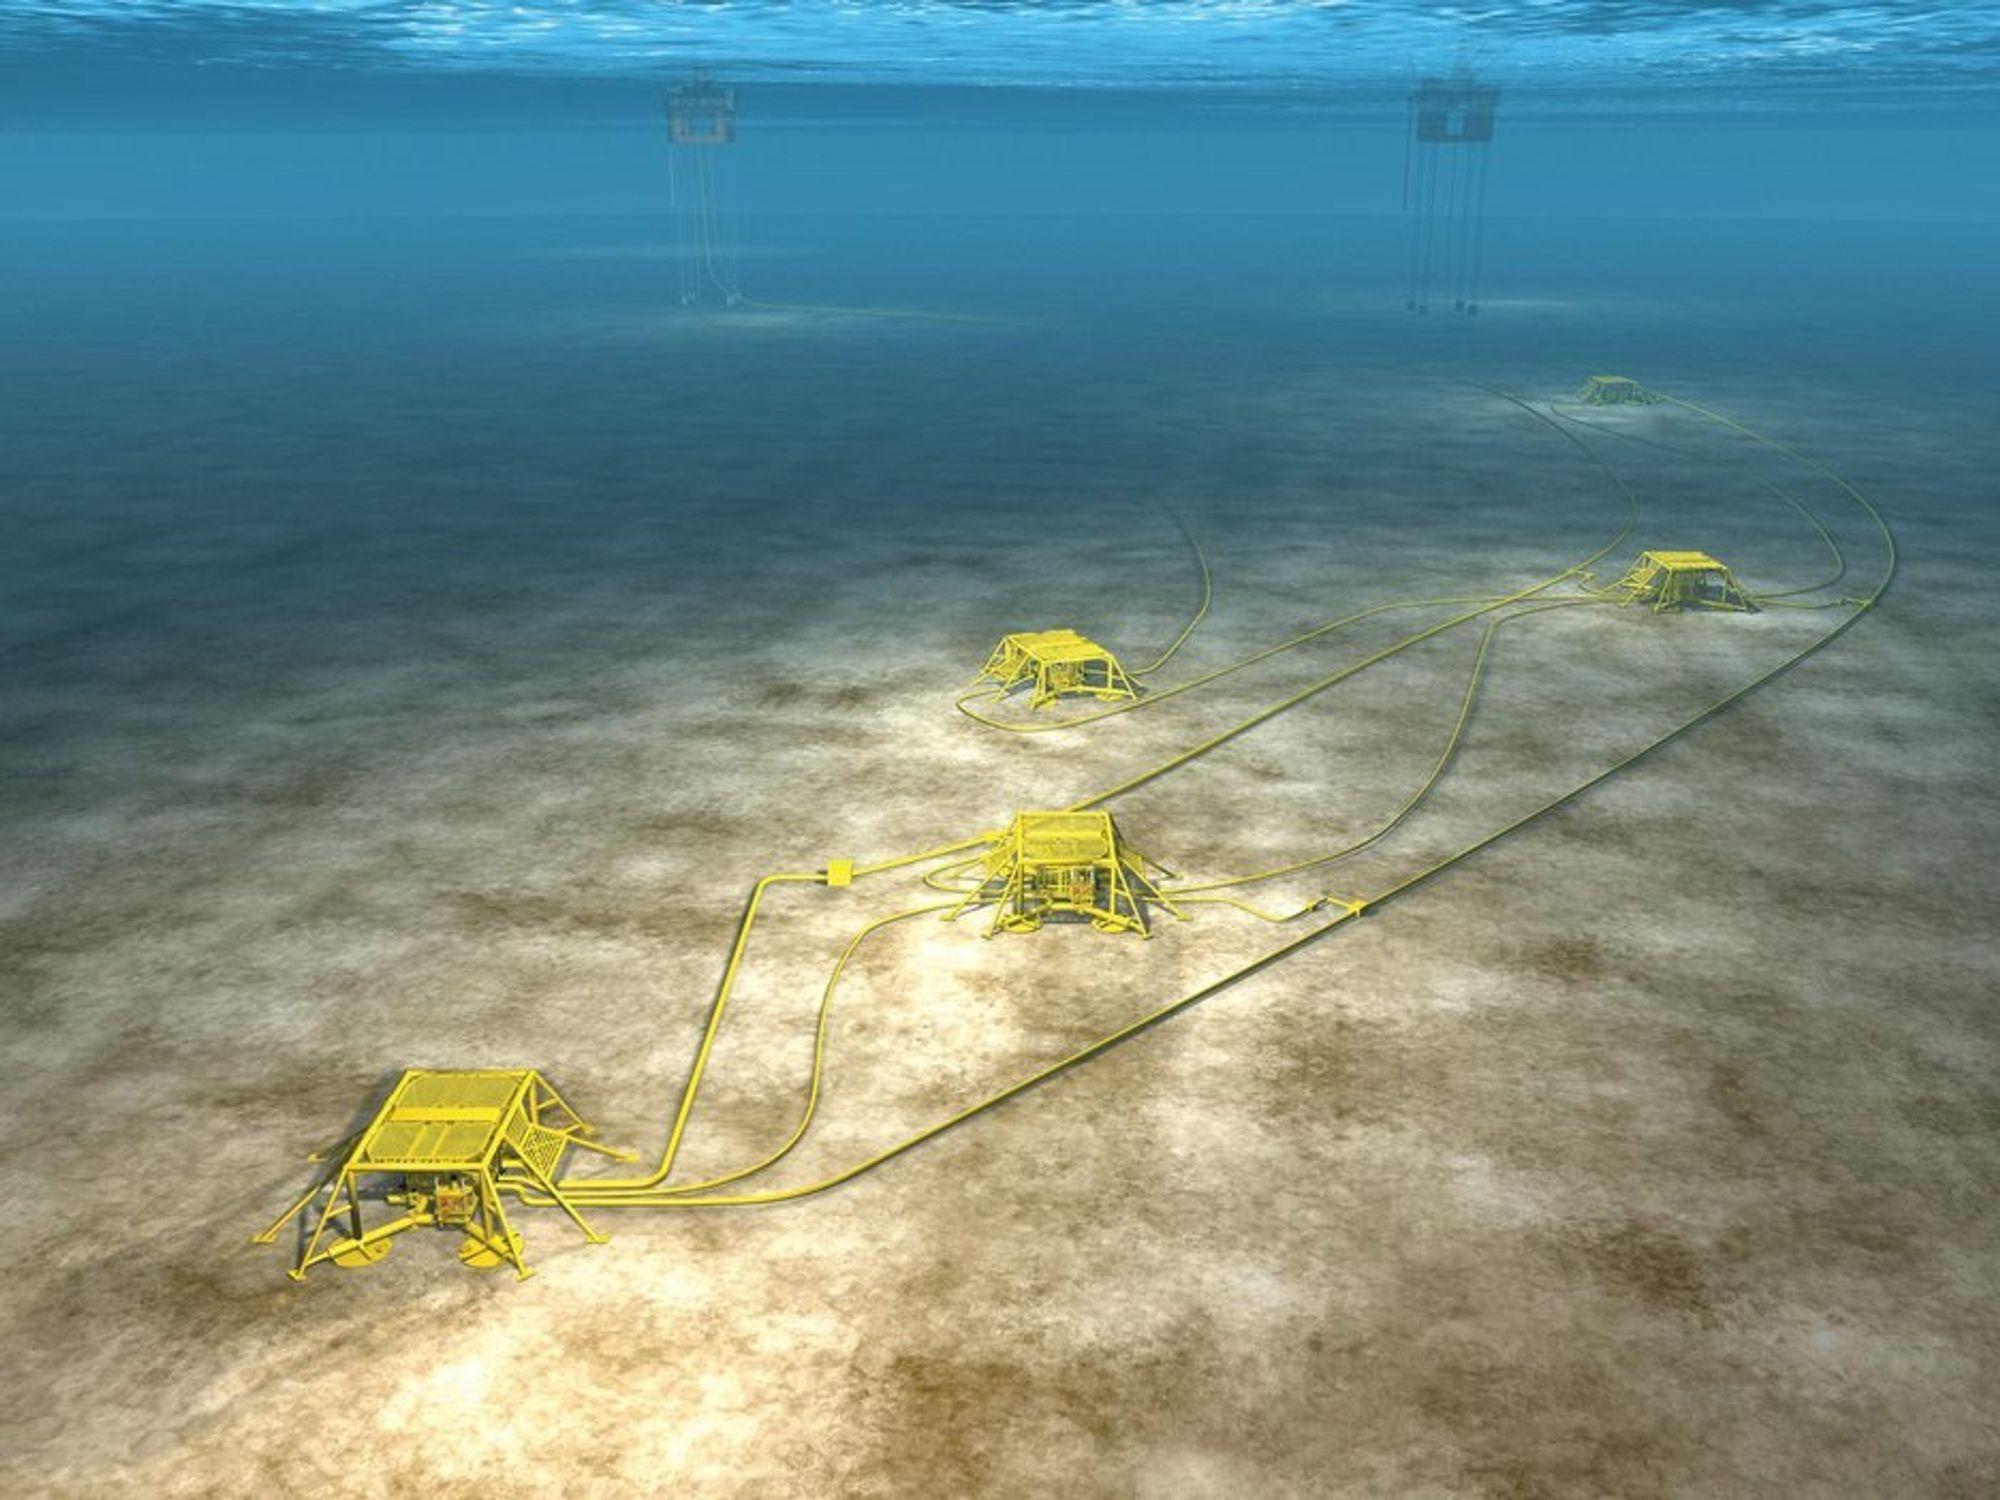 FIKK PRIS: Statoil fikk Five Star Award som en av de fem beste offshoreprosjektene på dypt vann i 2009 av Konferansen Deep Offshore Technology i Houston.